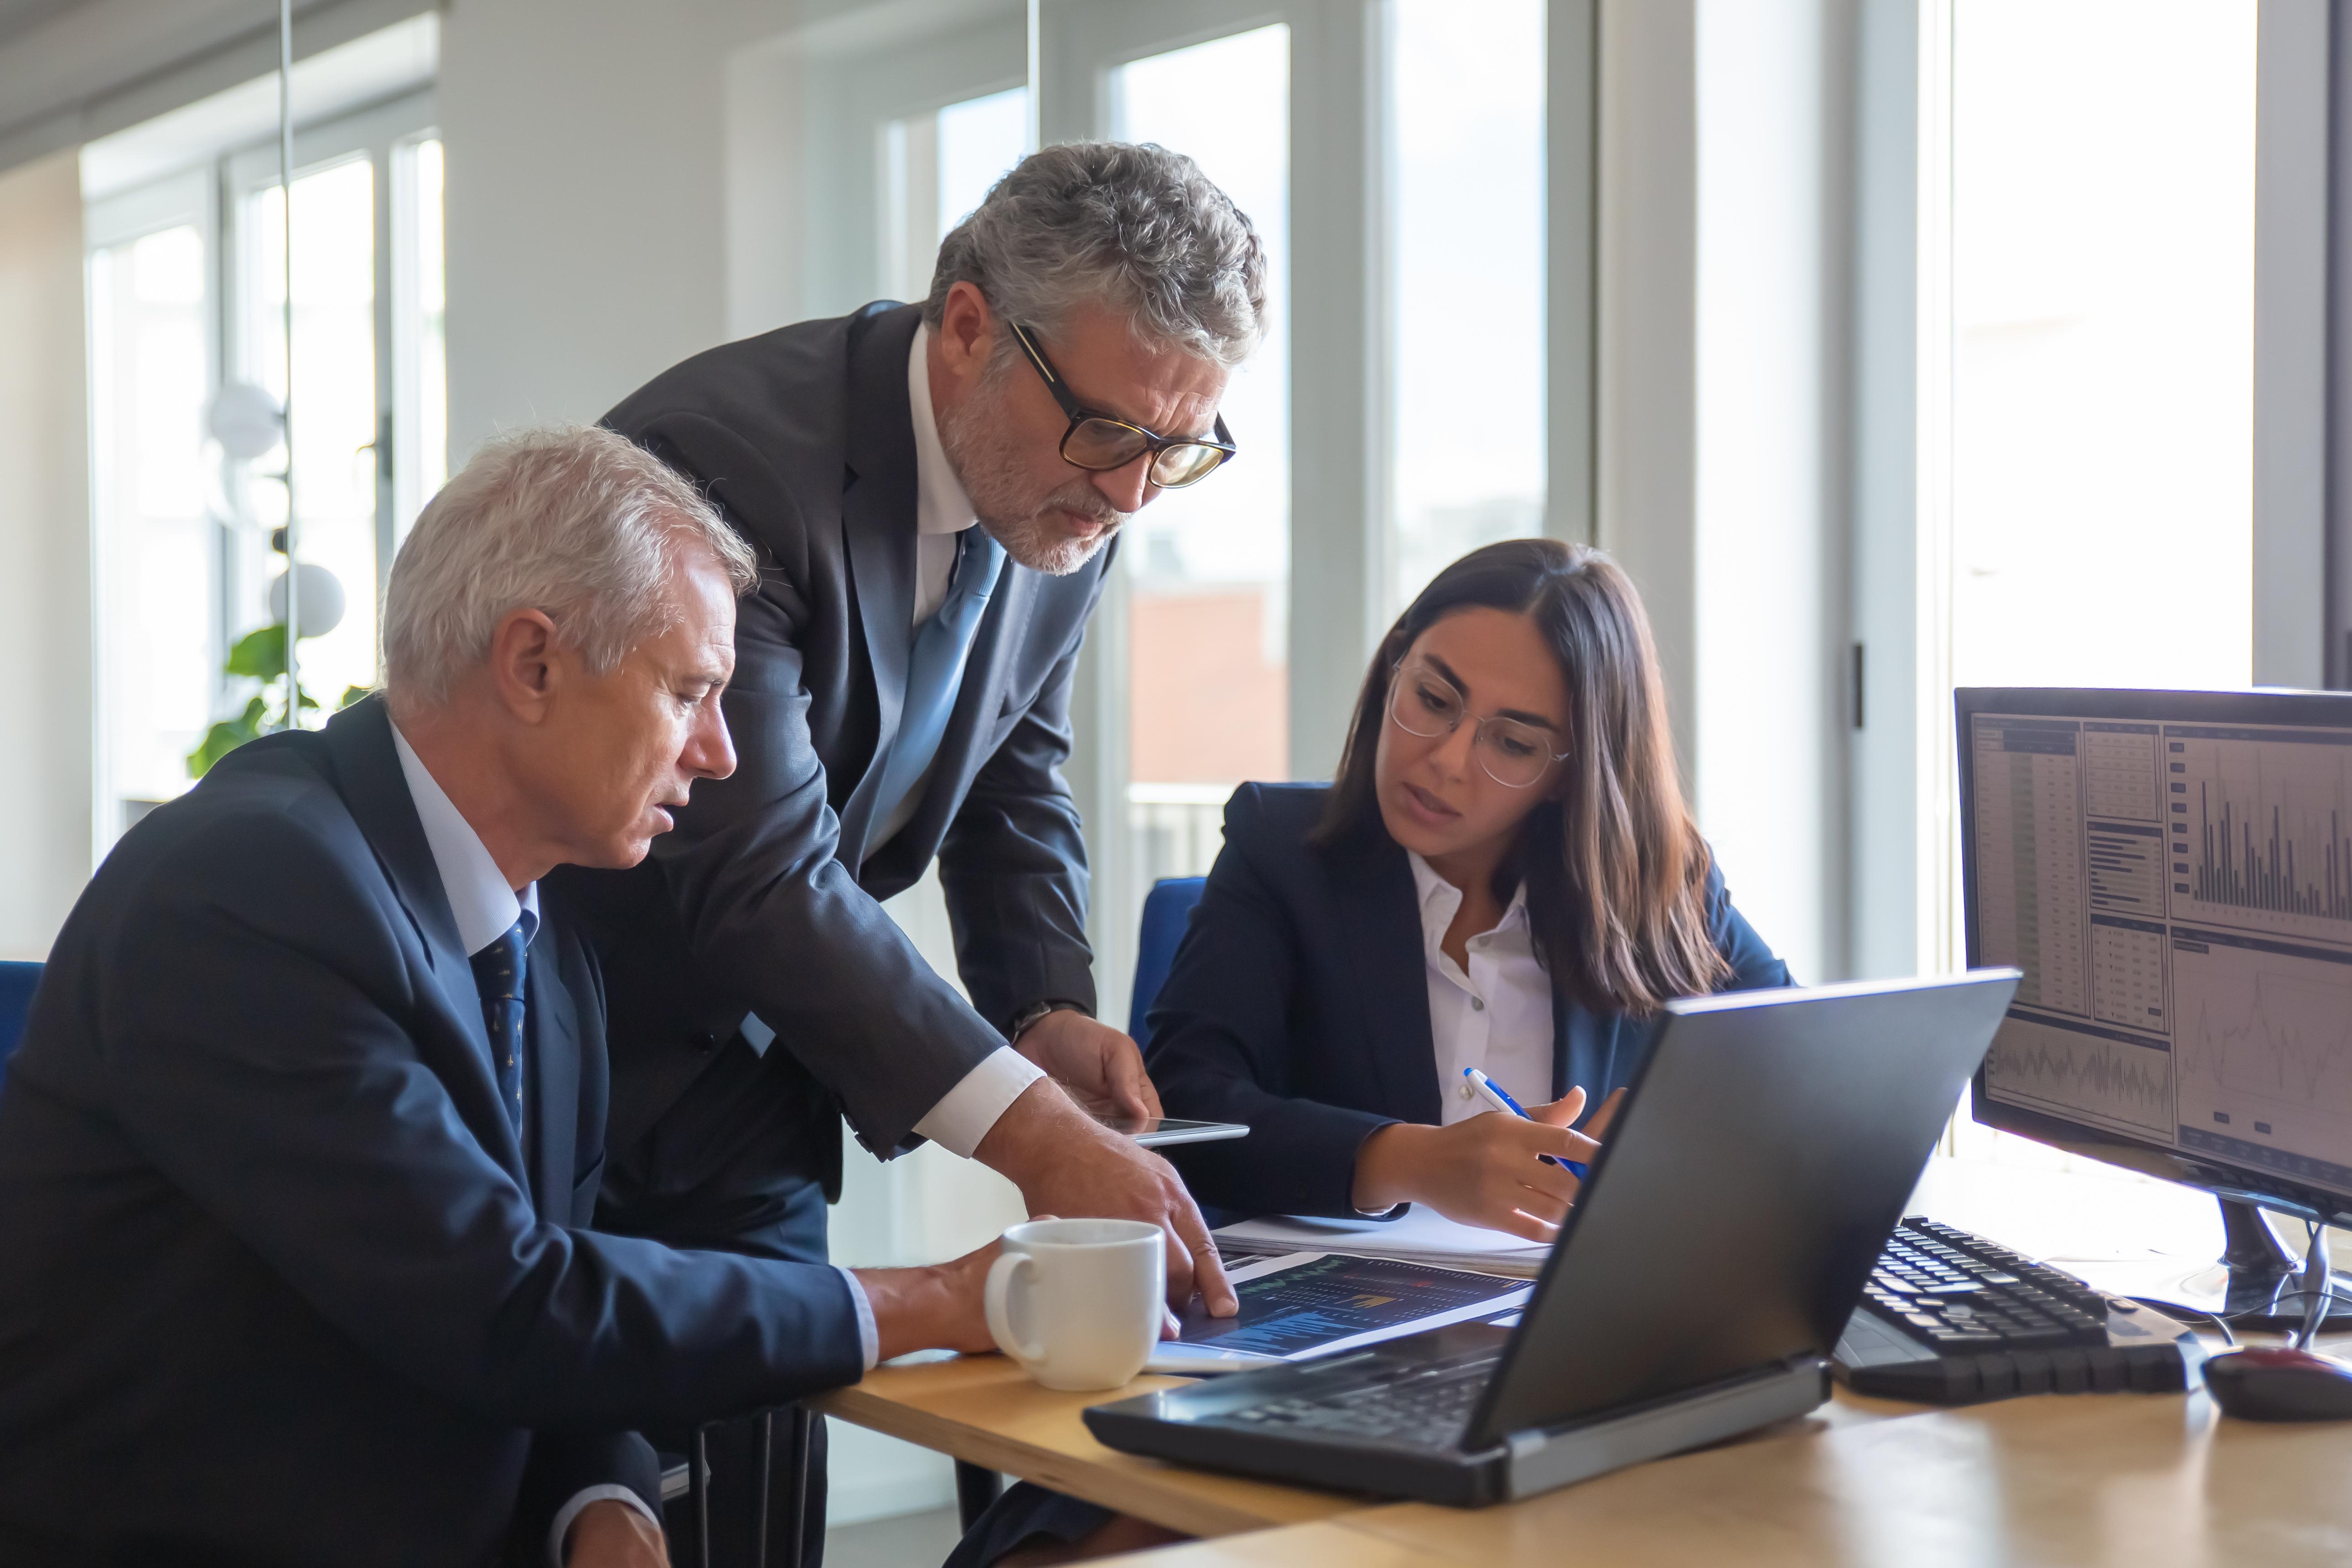 Pós-graduação em Direito Penal e Processo Penal: onde o especialista na área pode trabalhar?